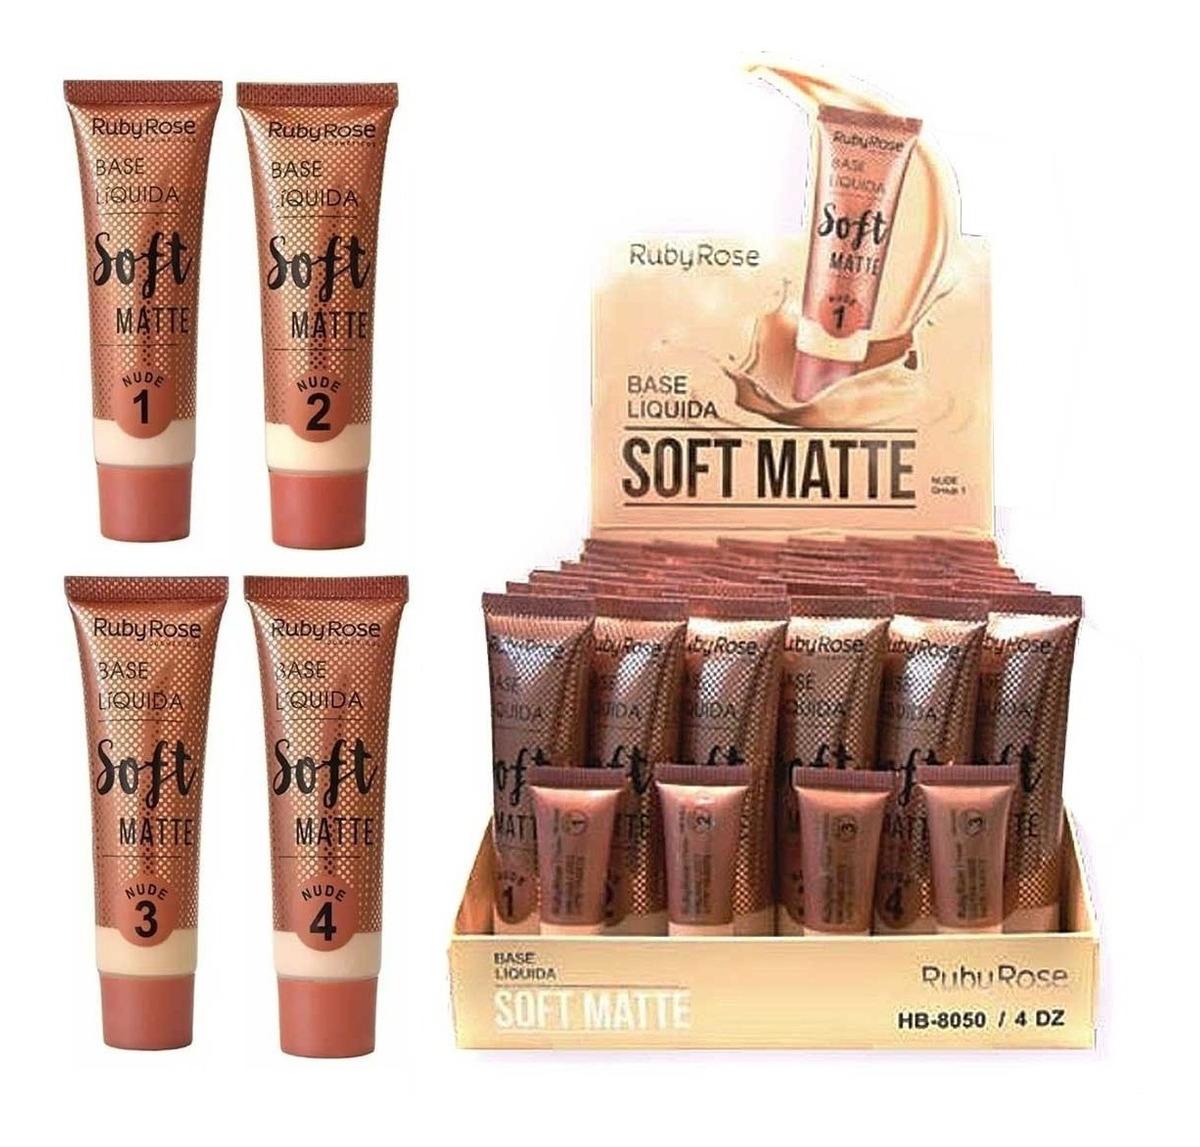 Base Líquida Soft Matte Bege 2-3-4-5-6-7-8 Ruby Rose Hb 8050